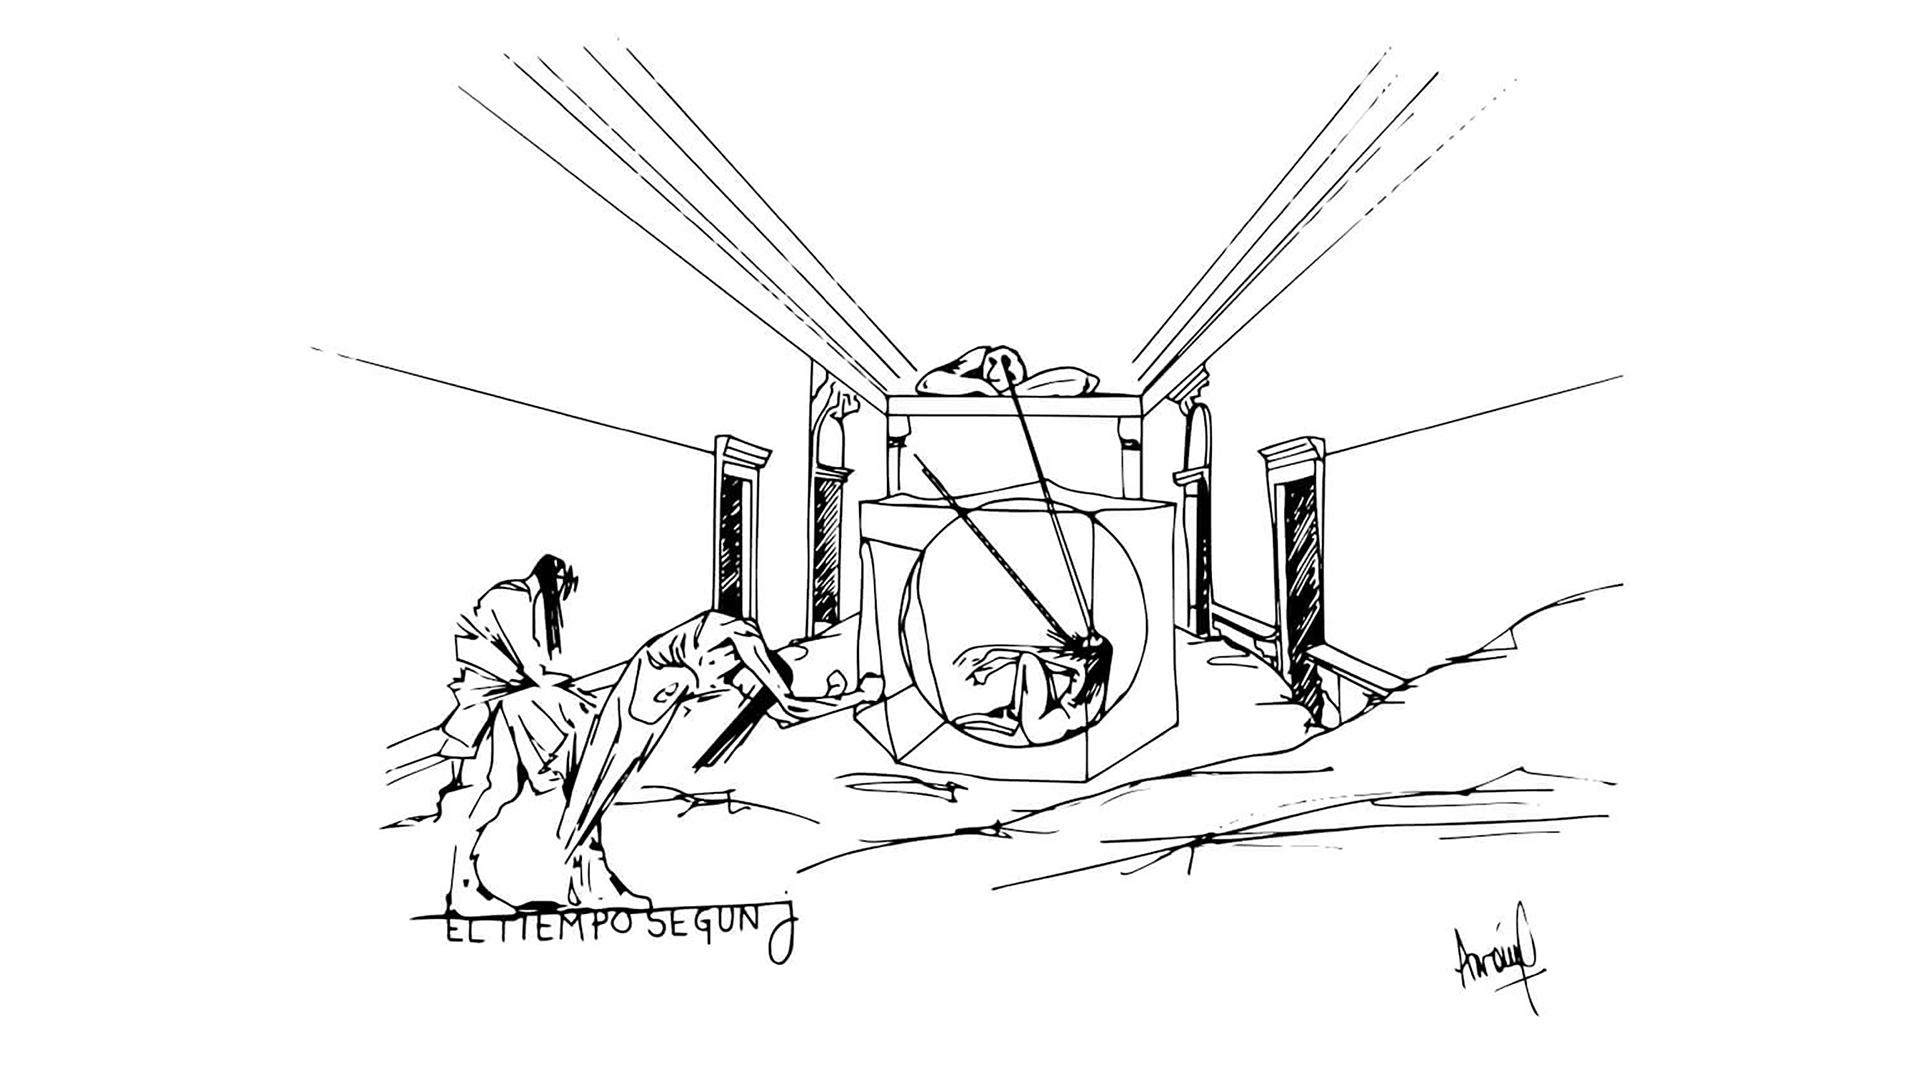 05-ELTIEMPO-AARON-NACHTAILER-ART-ARTIST-MARBLE